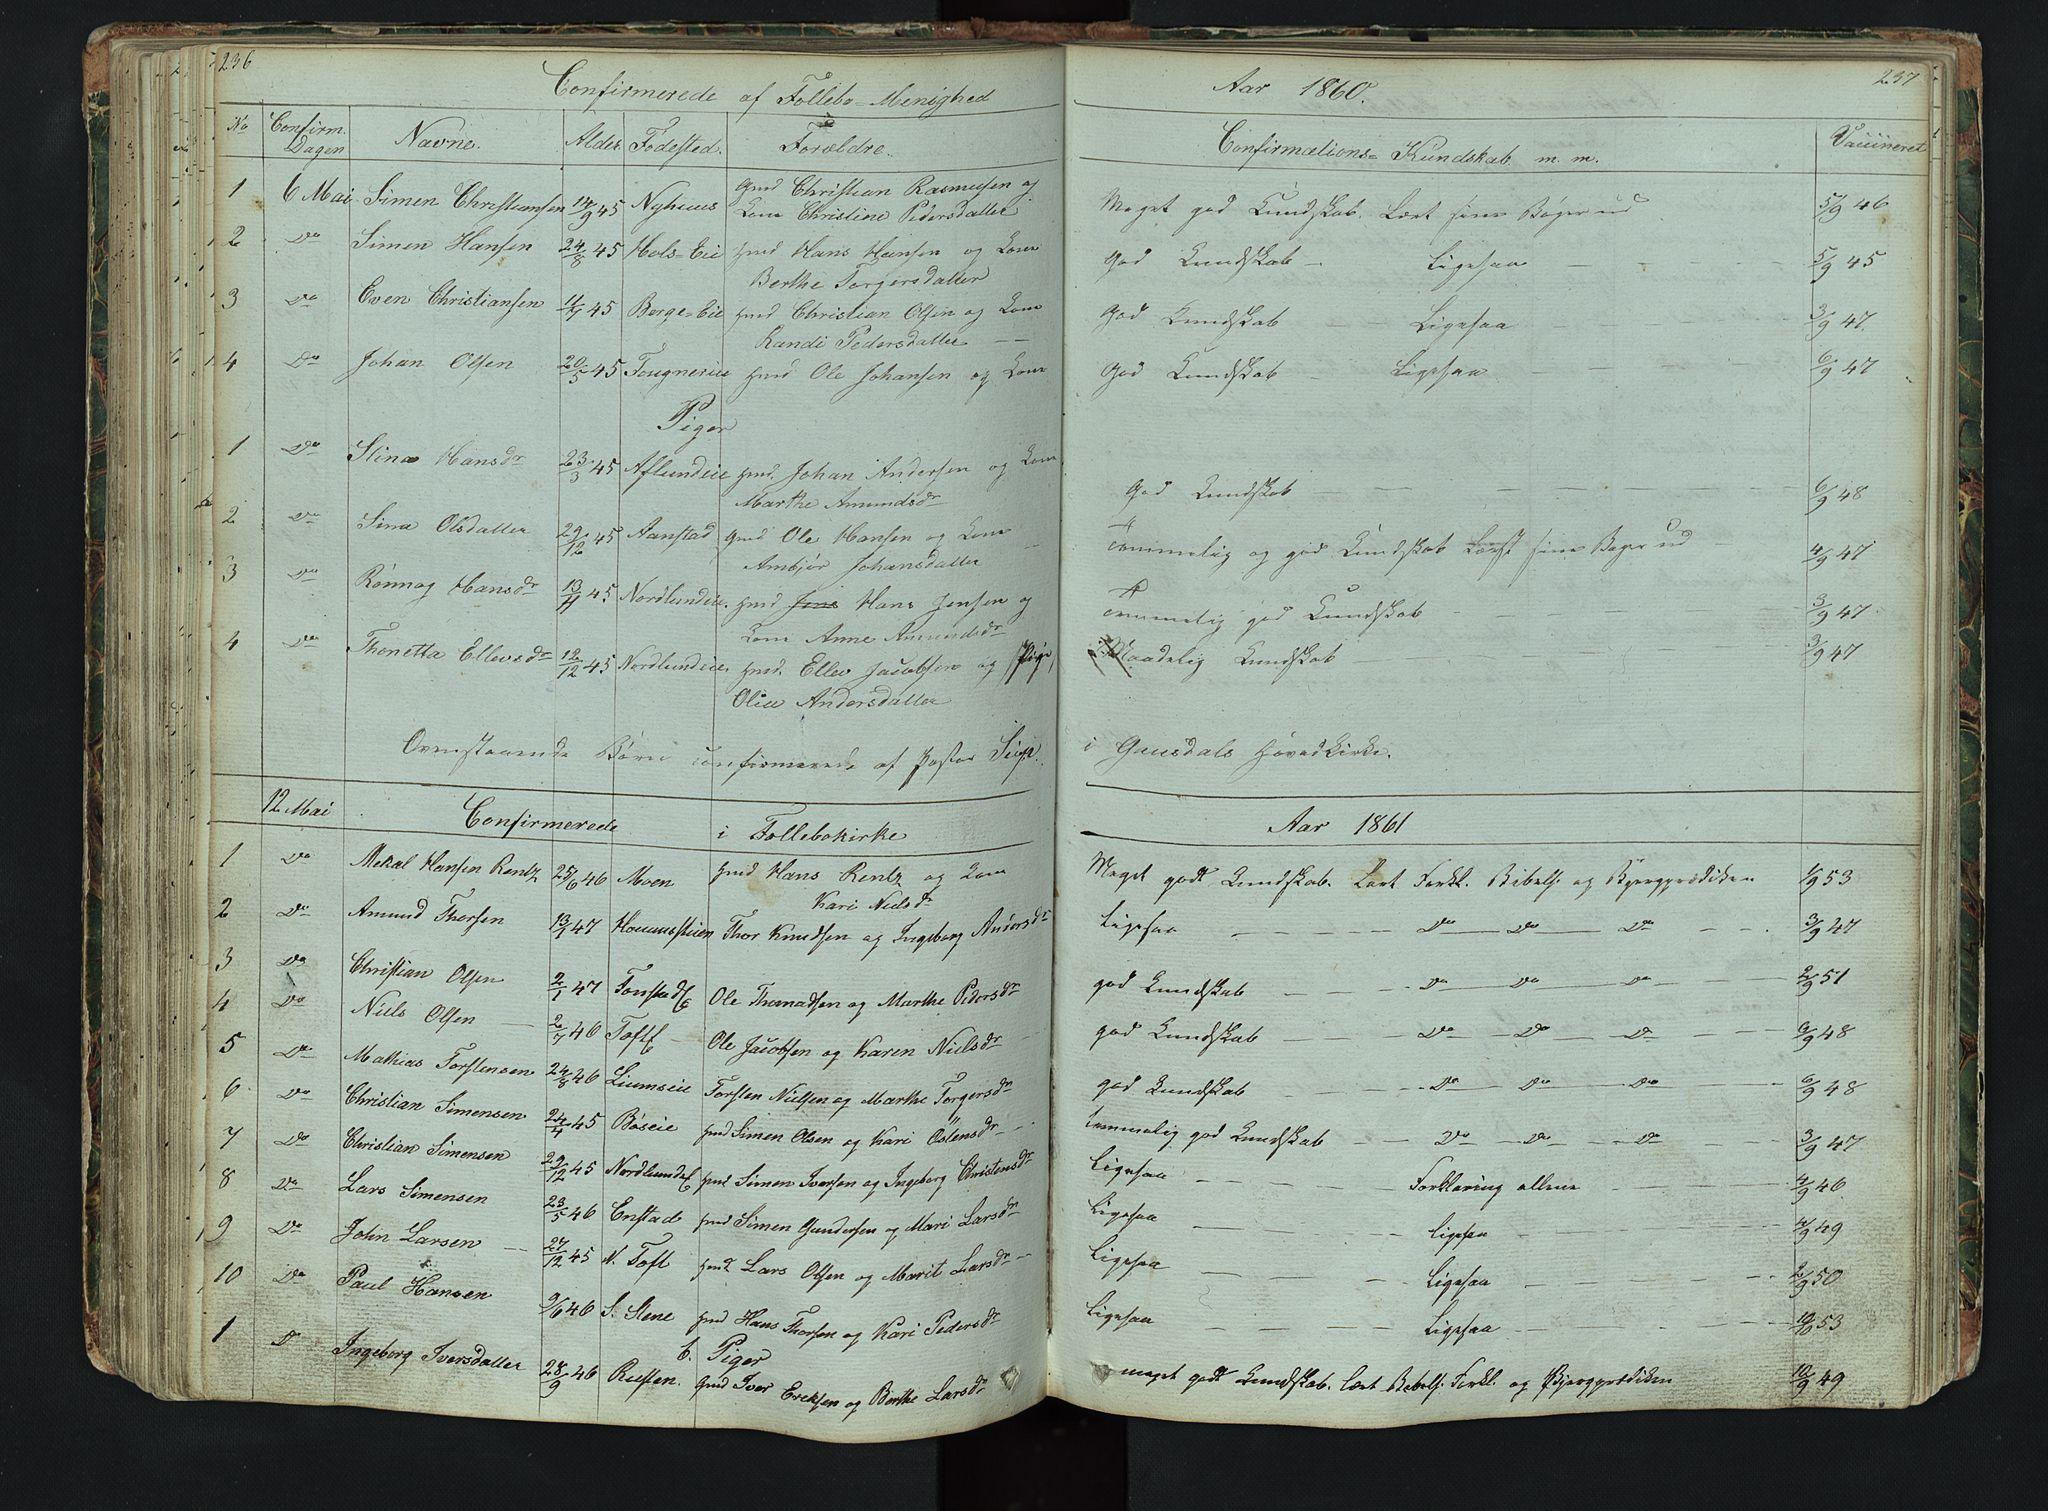 SAH, Gausdal prestekontor, Klokkerbok nr. 6, 1846-1893, s. 236-237